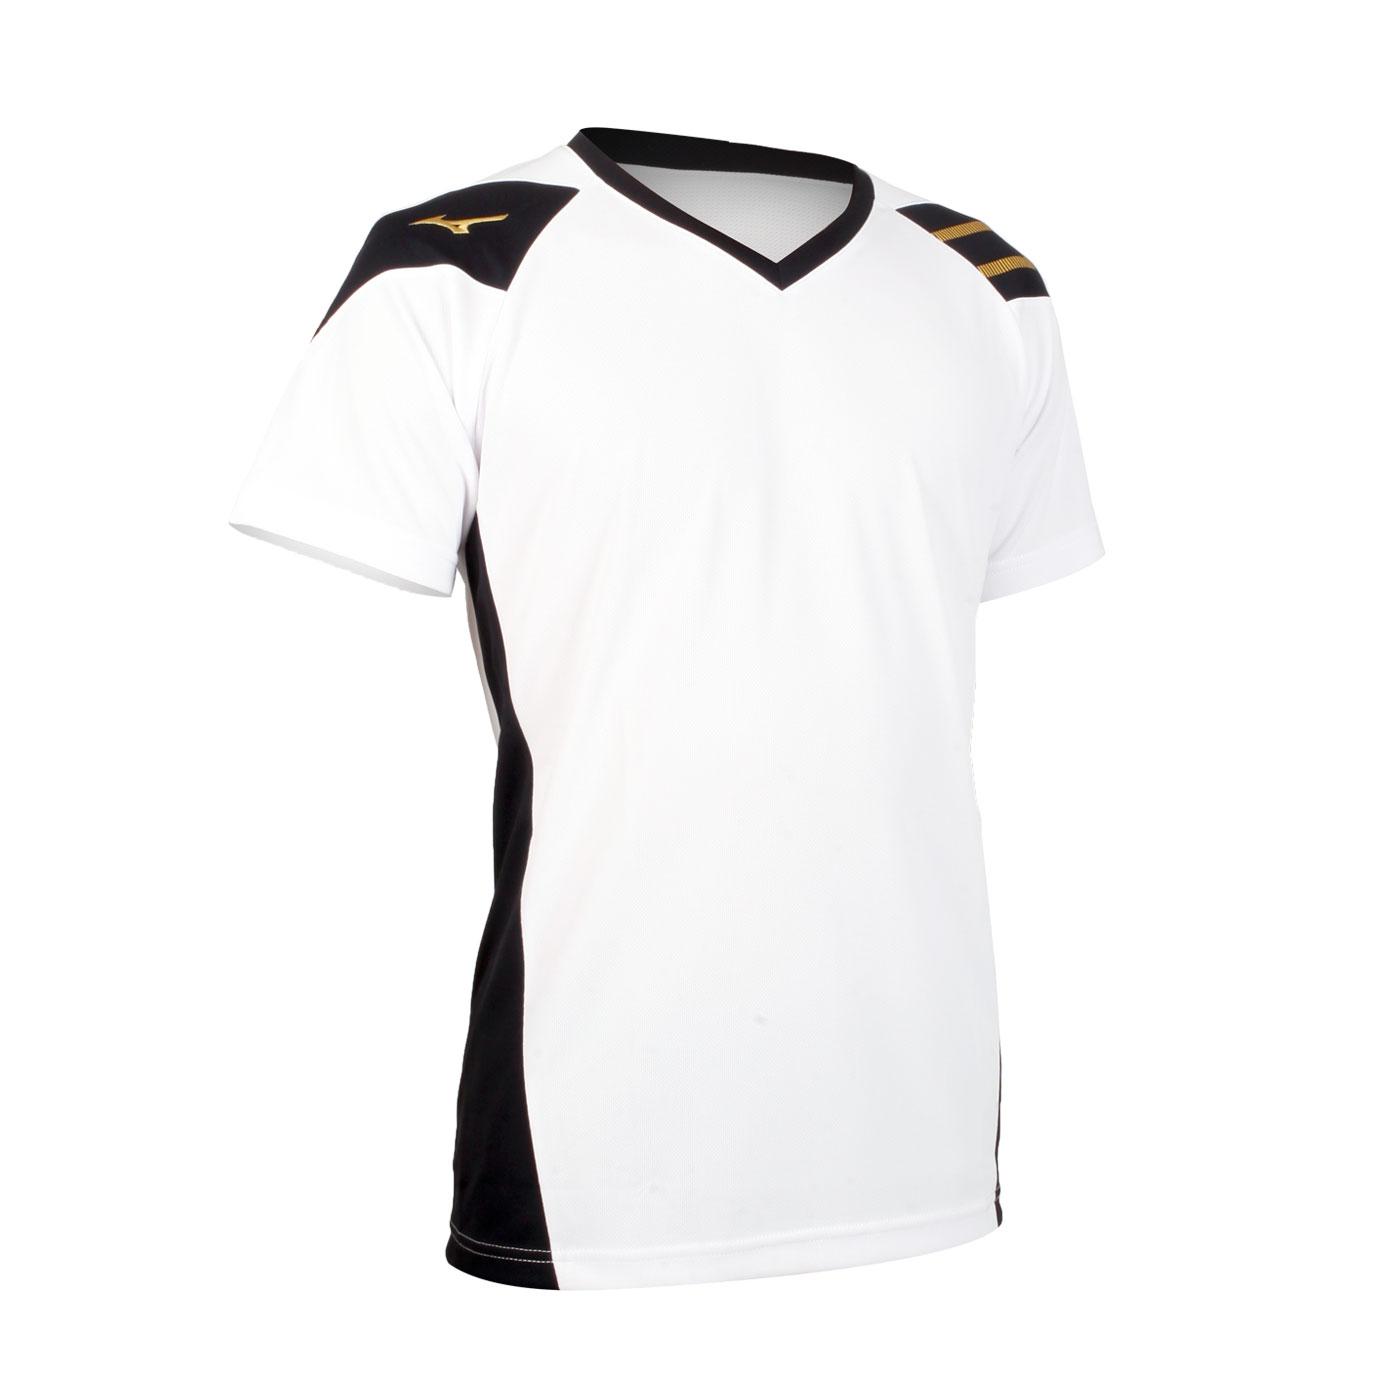 MIZUNO 排球短袖T恤 V2TA0G1601 - 白黑